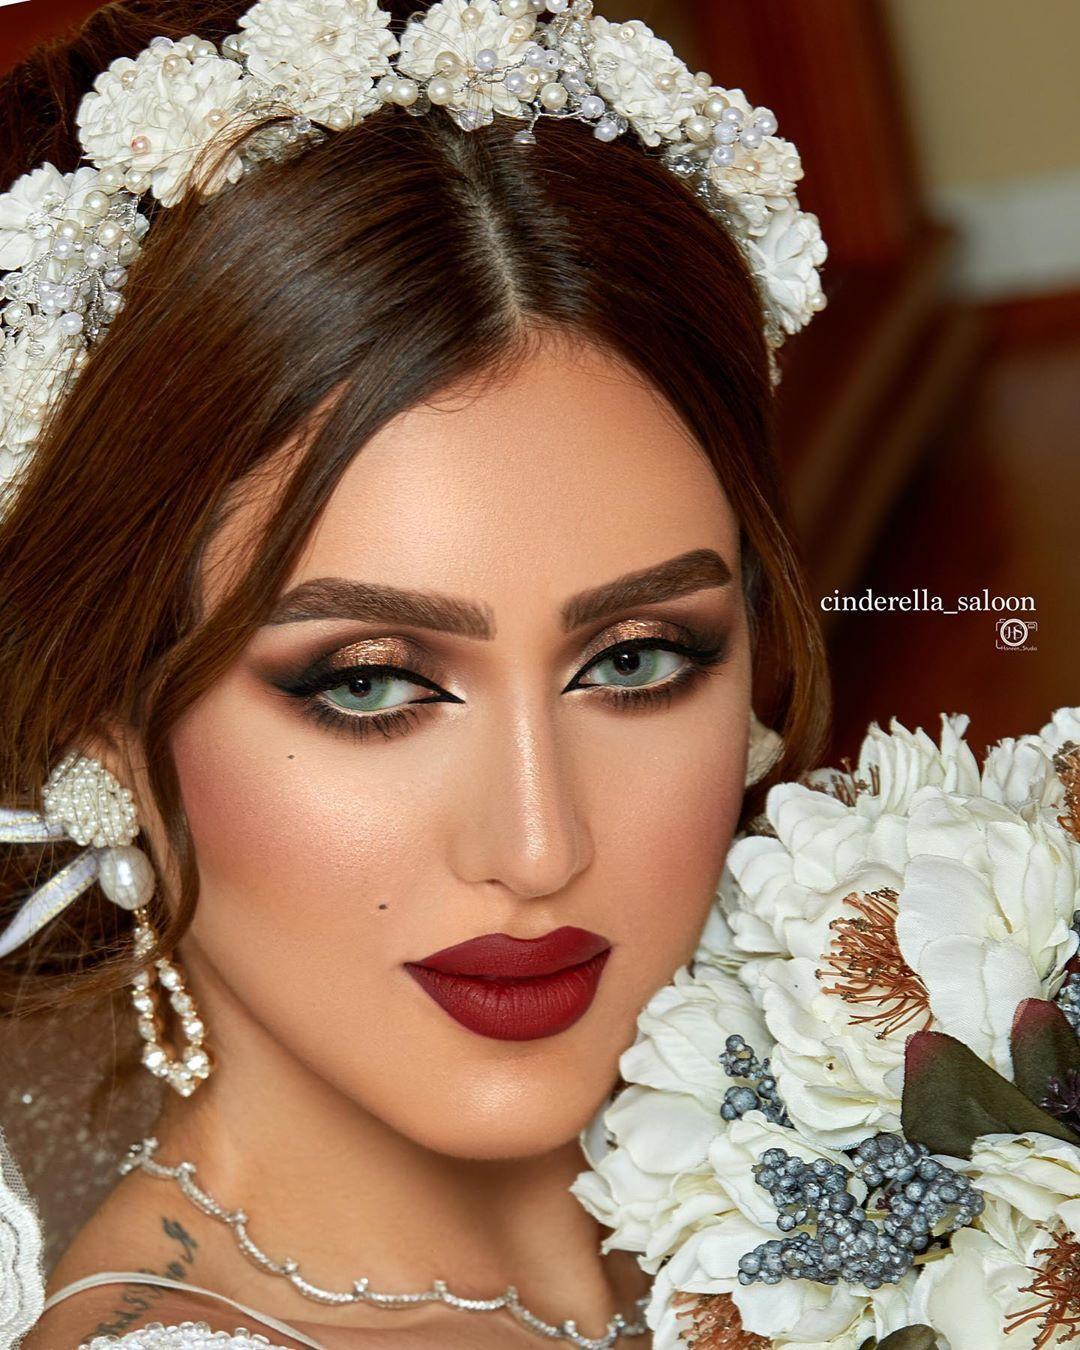 الجلسه بمكياج الجميله Salon Dar Alkhaleej الشعر Vida Beauty Hairstylist وكيكتي Taraneh Zamani الفستان الفخم Alsahria Beautiful Face Simple Makeup Beautiful